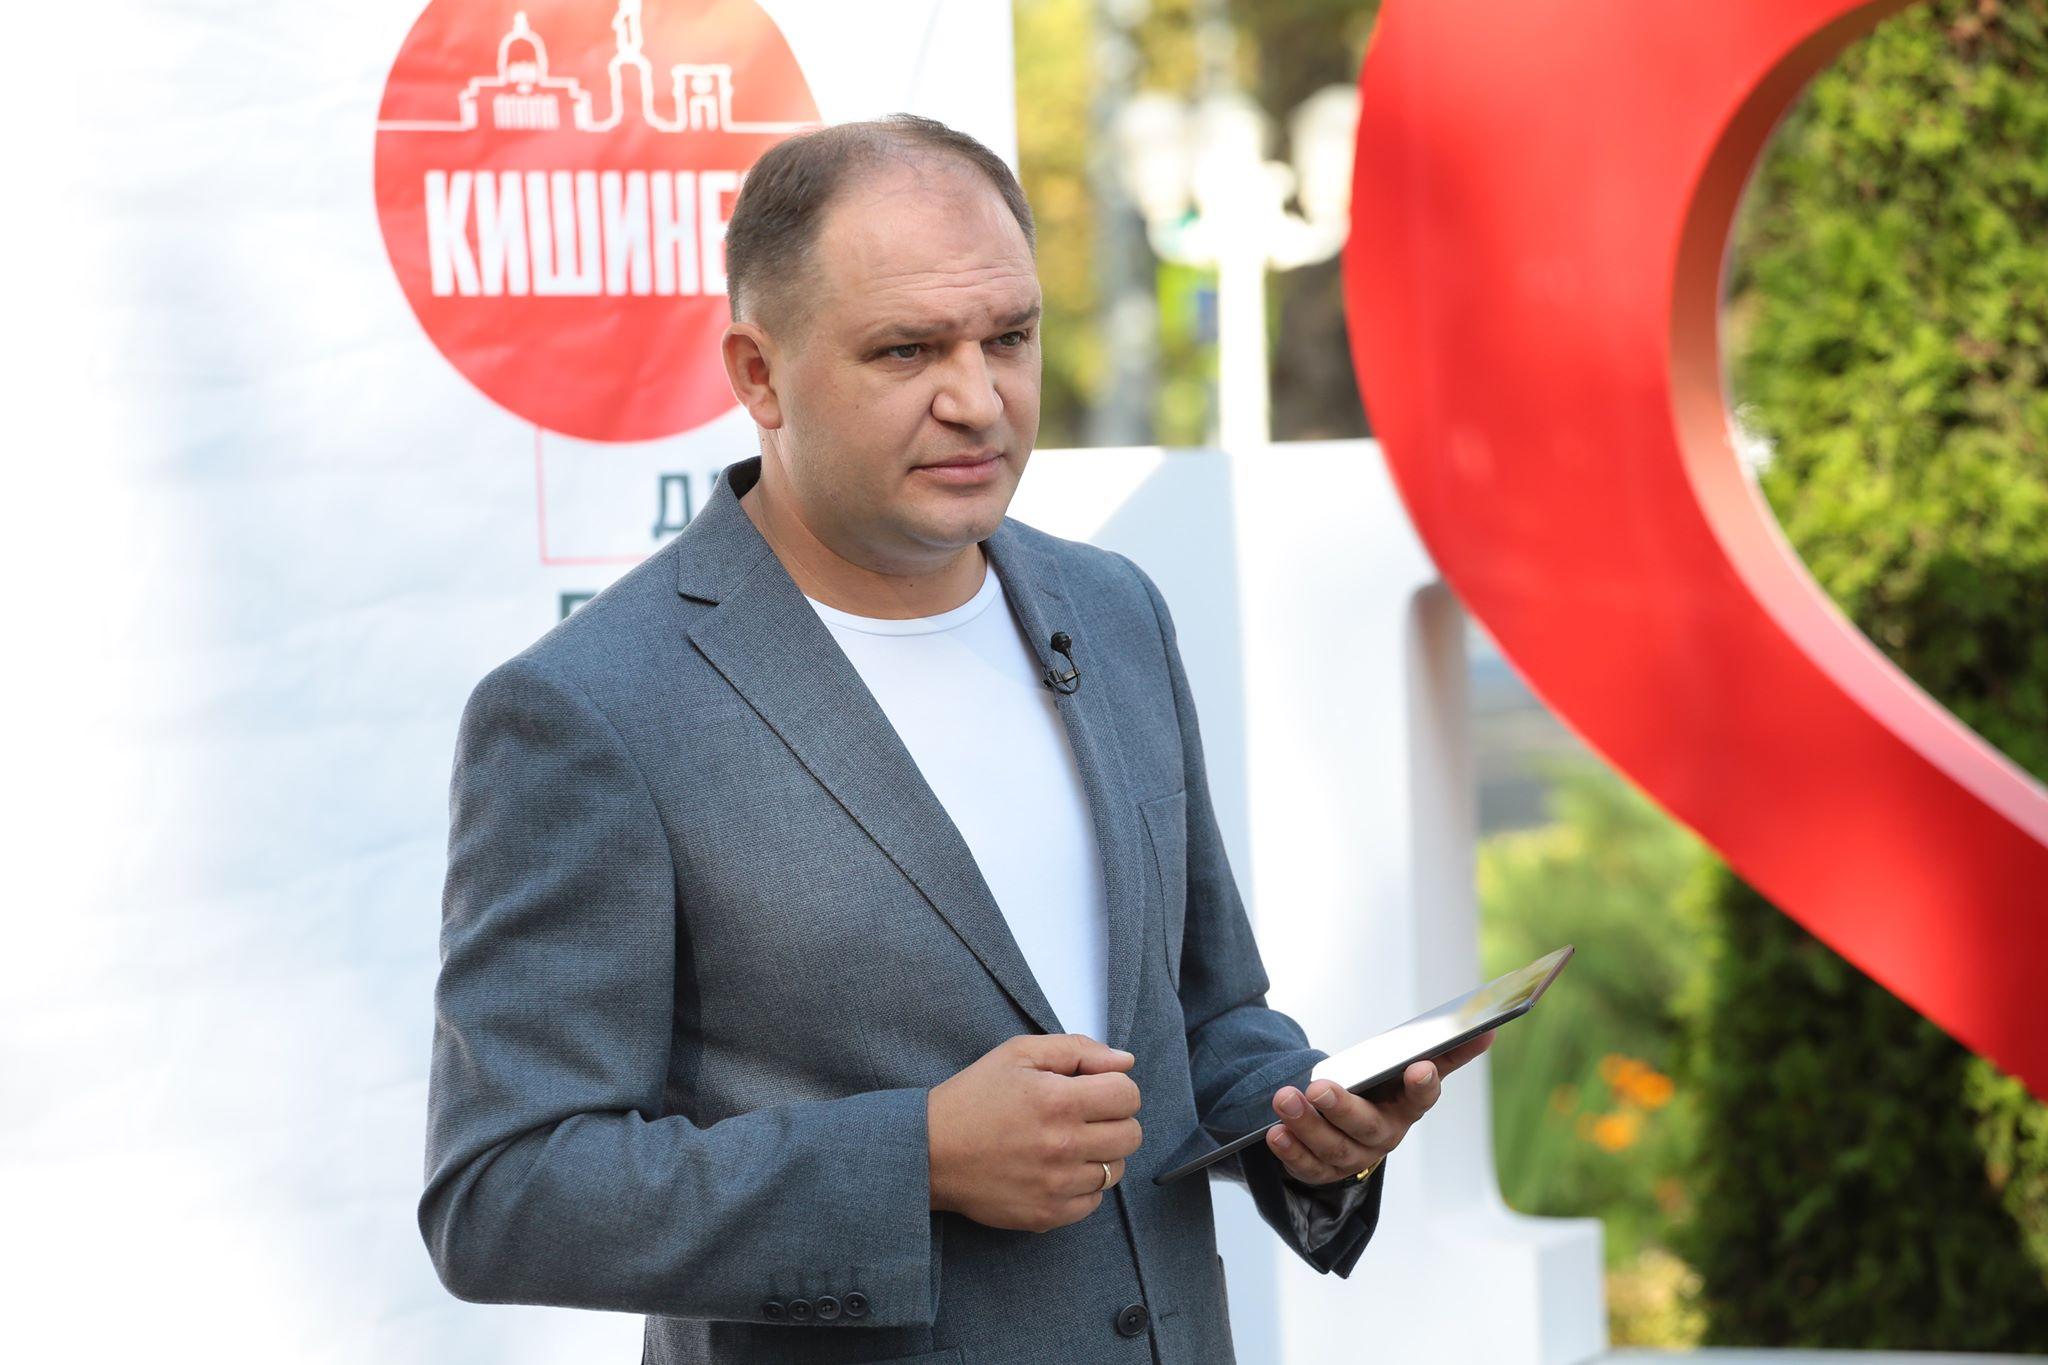 Ion Ceban: Chișinăul are probleme serioase, acumulate de-a lungul anilor